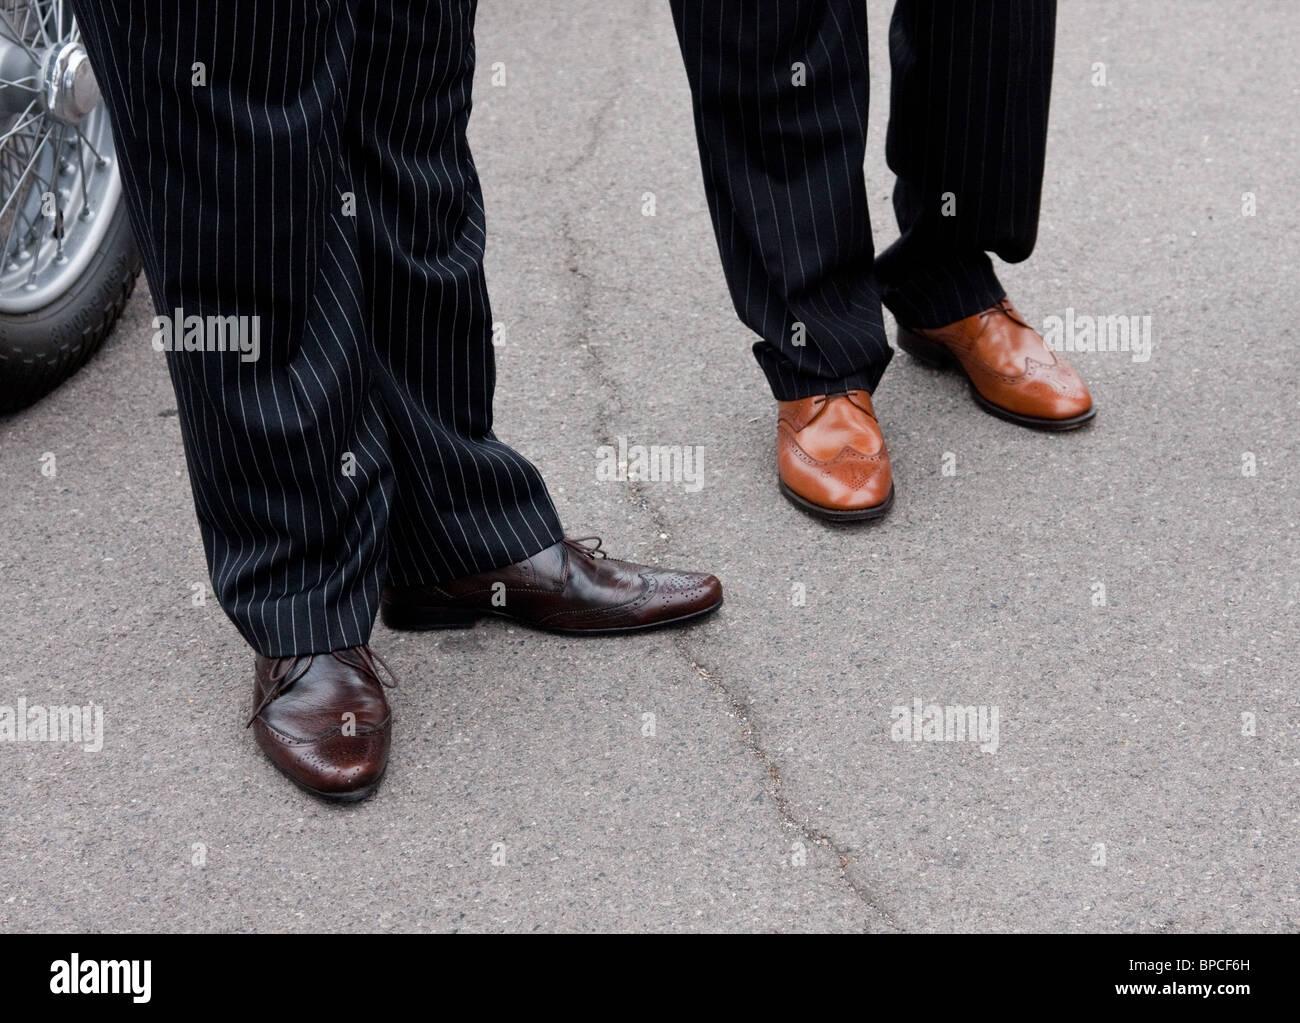 Der 1950 60er Jahre Style Manner In Anzugen Mit Braune Schuhe